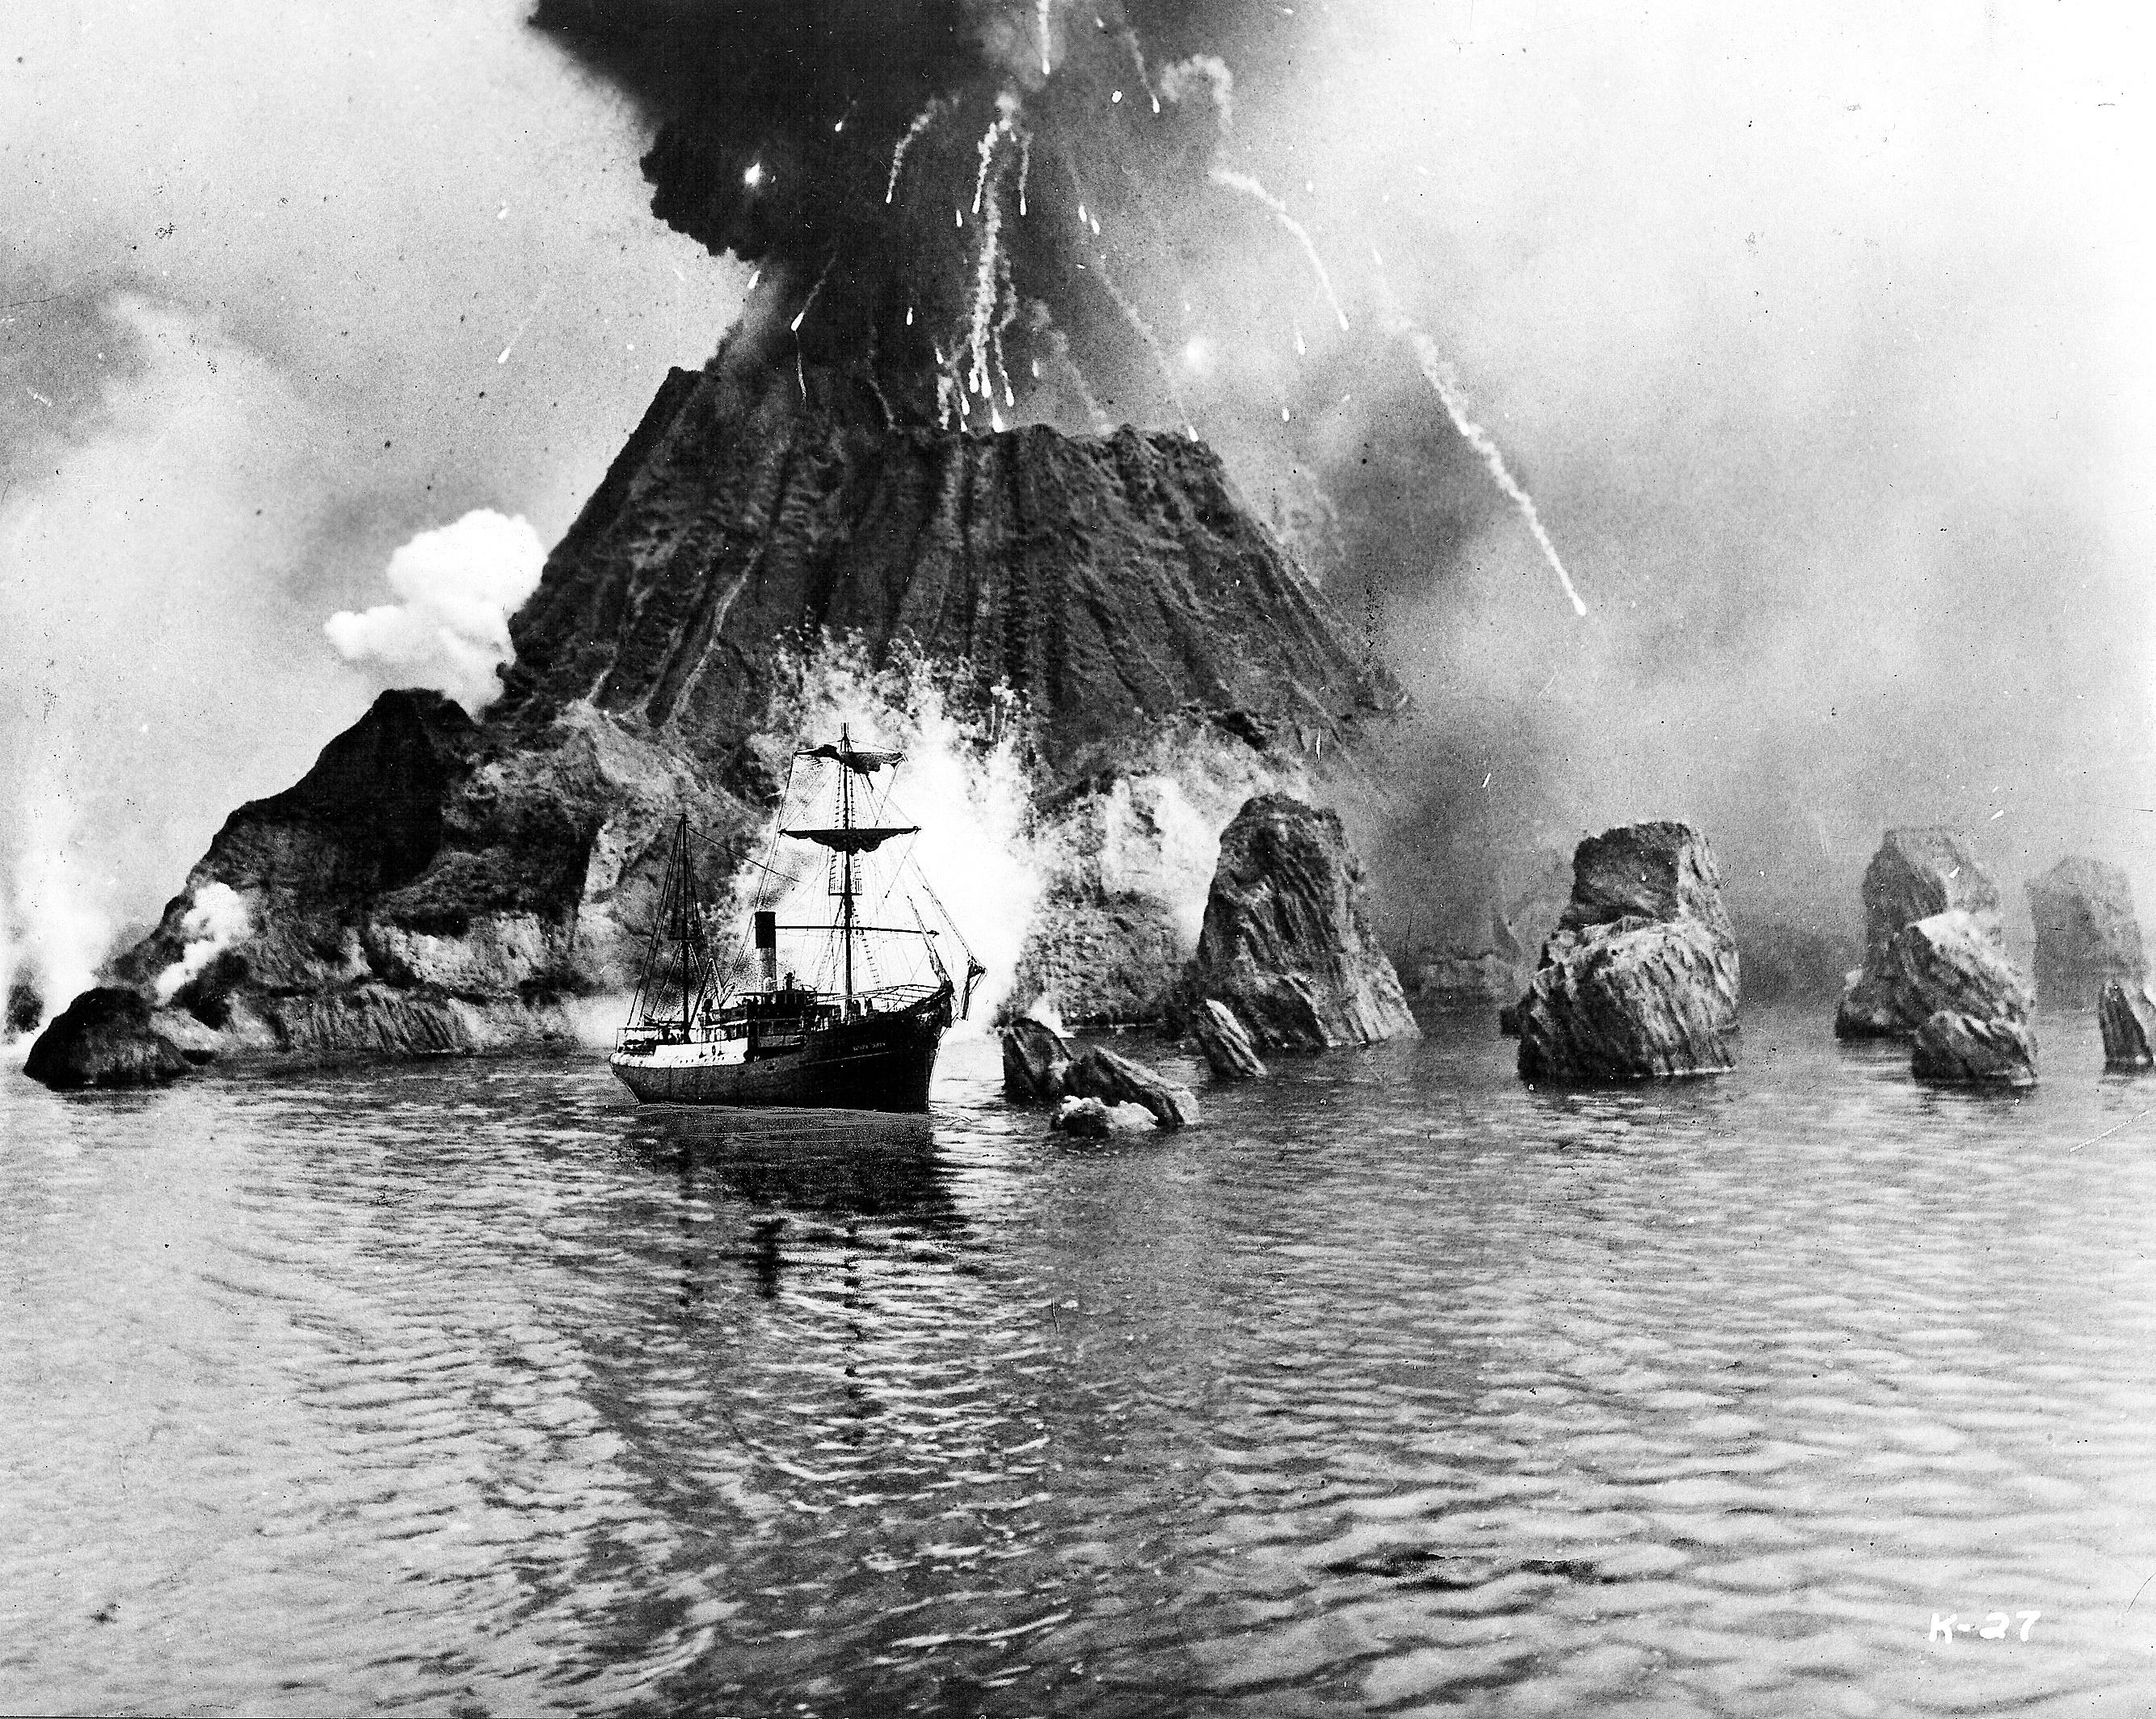 The-eruption-of-Krakatau-1883-4